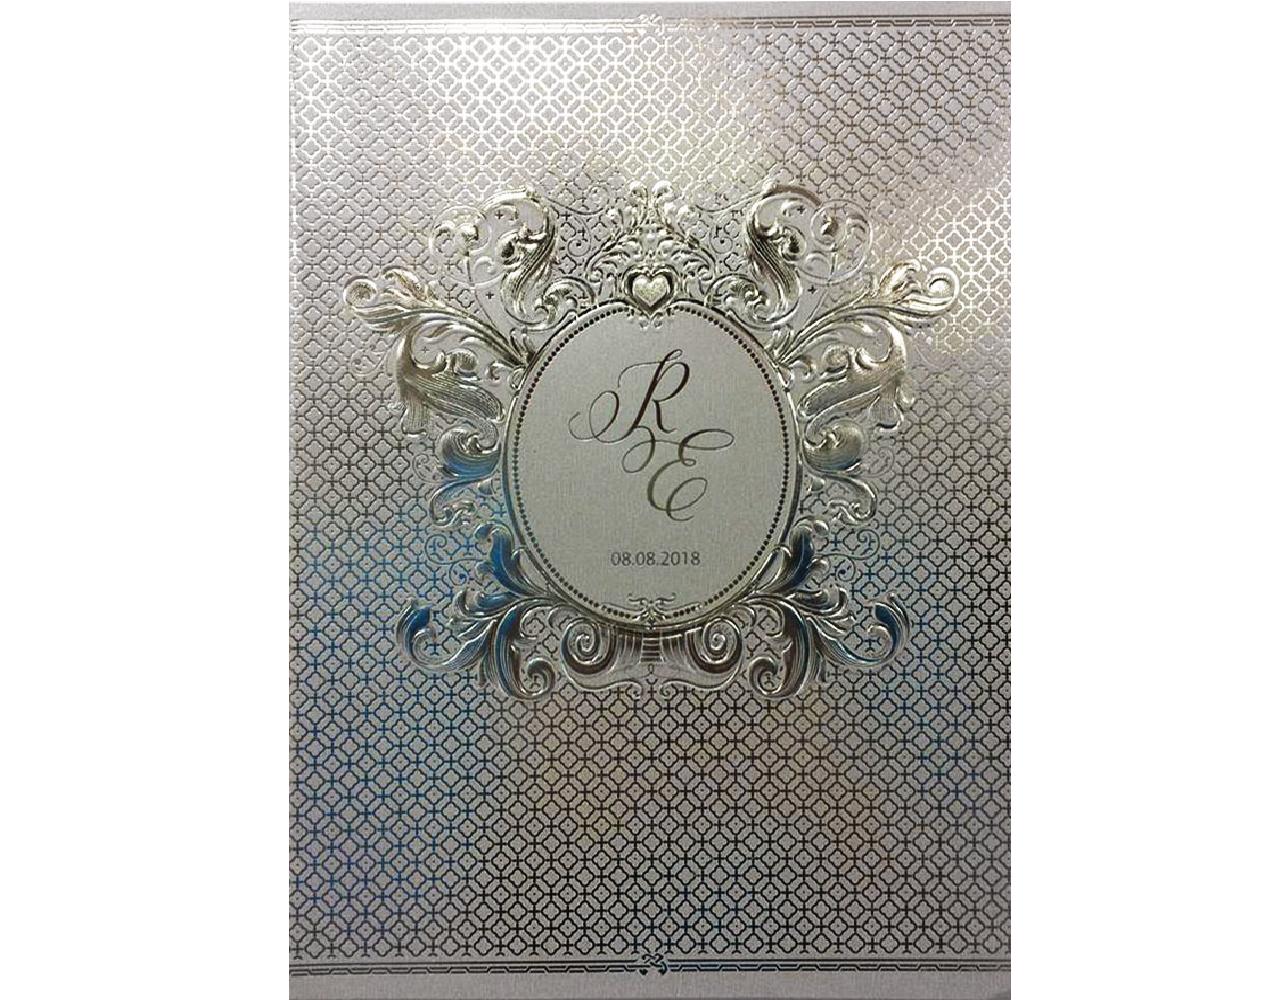 Wedding card 21.3 x 15.3 cm SP 1703 Silver